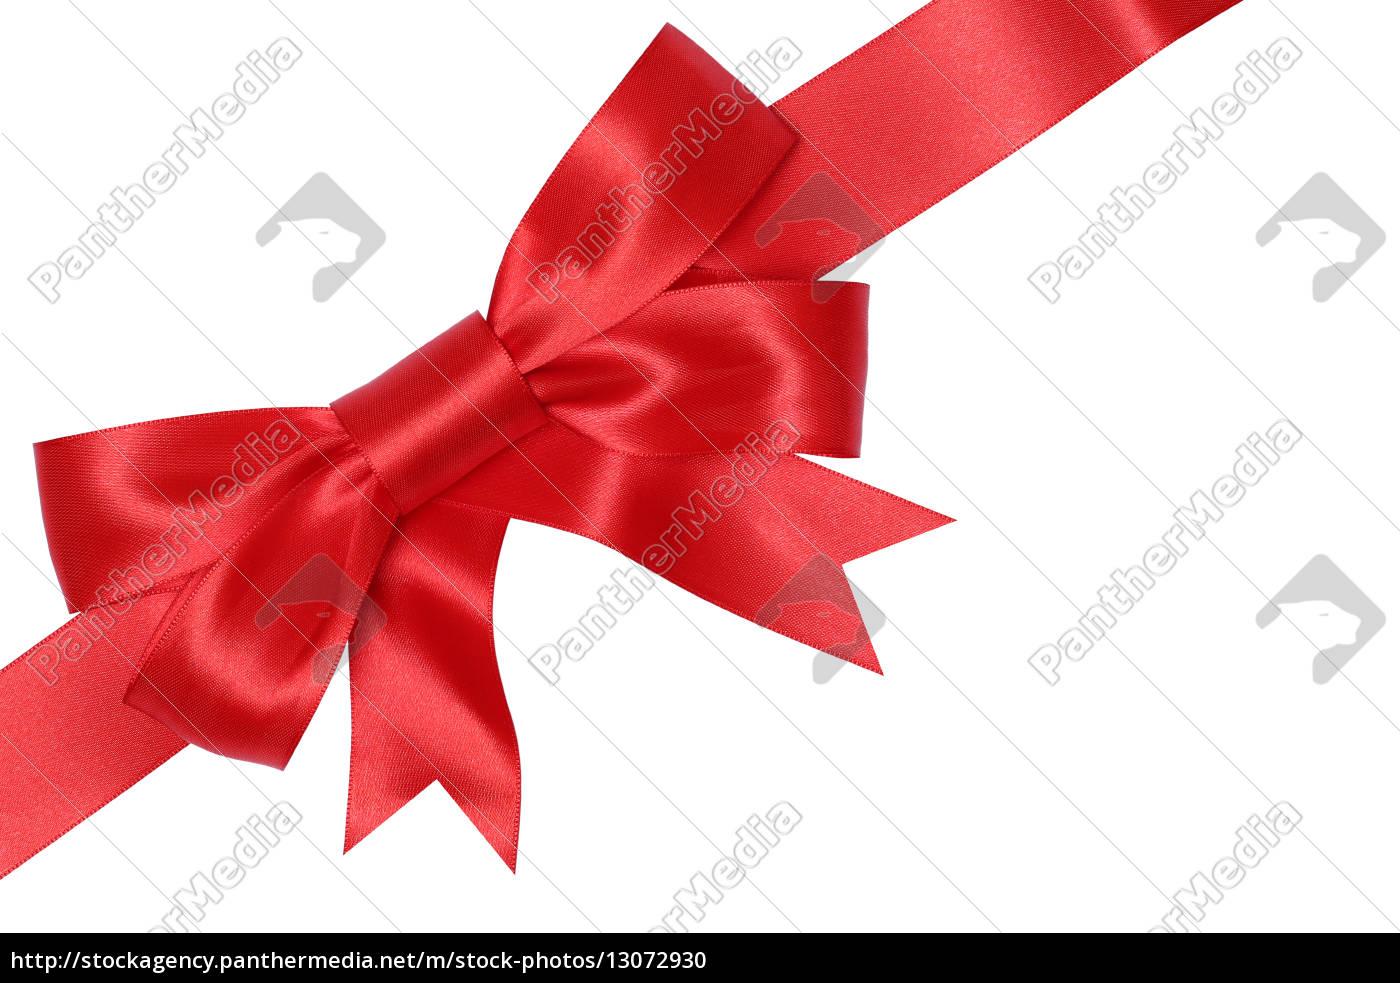 geschenk schleife f r geschenke an weihnachten stock photo 13072930 bildagentur panthermedia. Black Bedroom Furniture Sets. Home Design Ideas